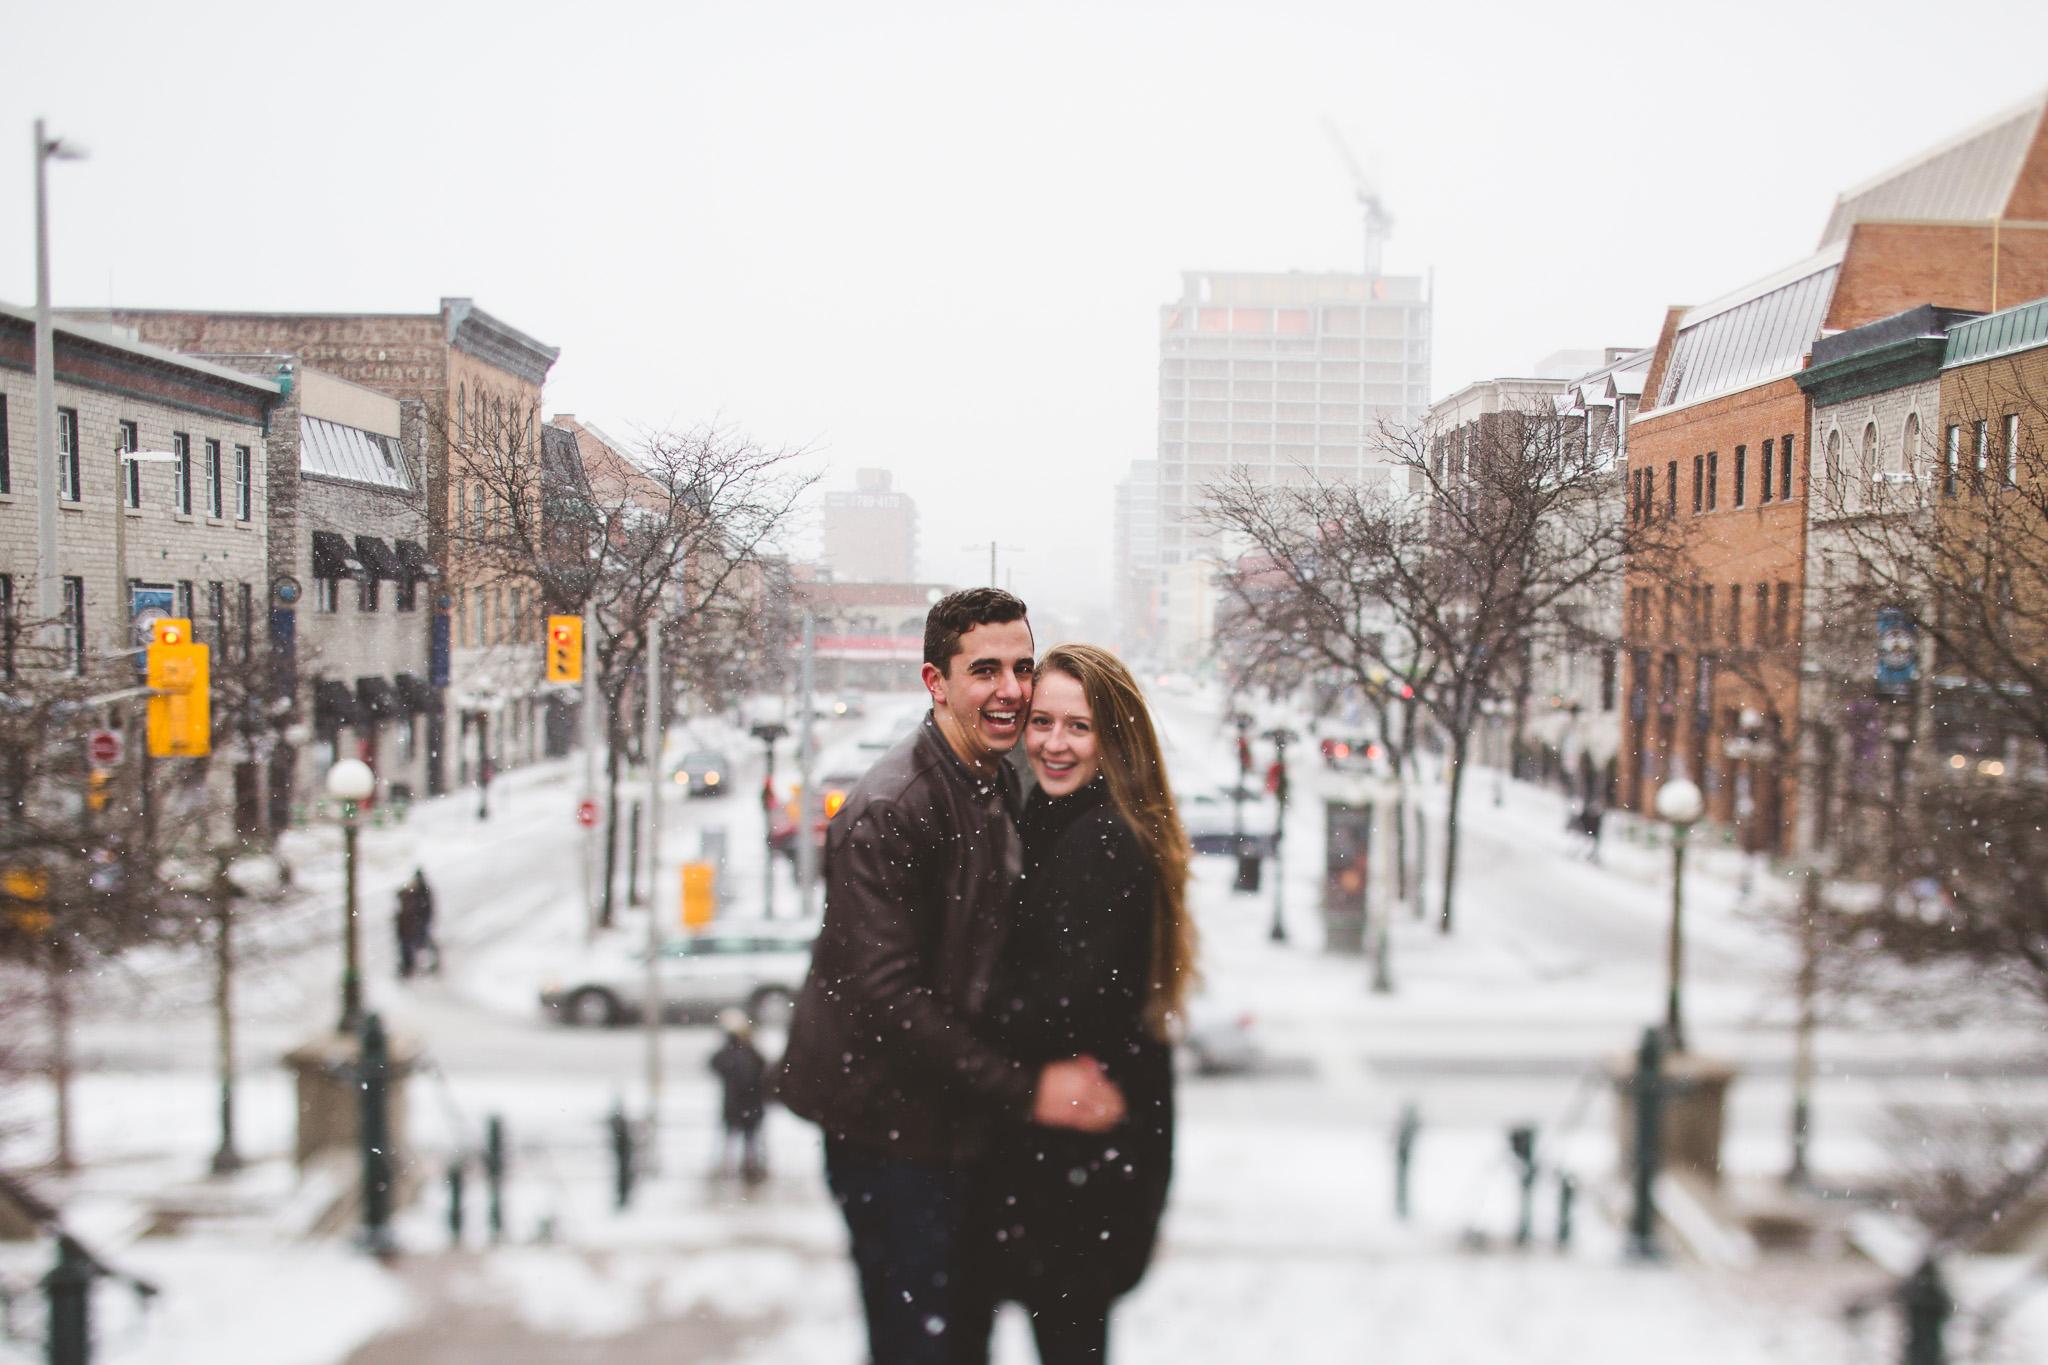 snowing-couple-portrait-byward-market